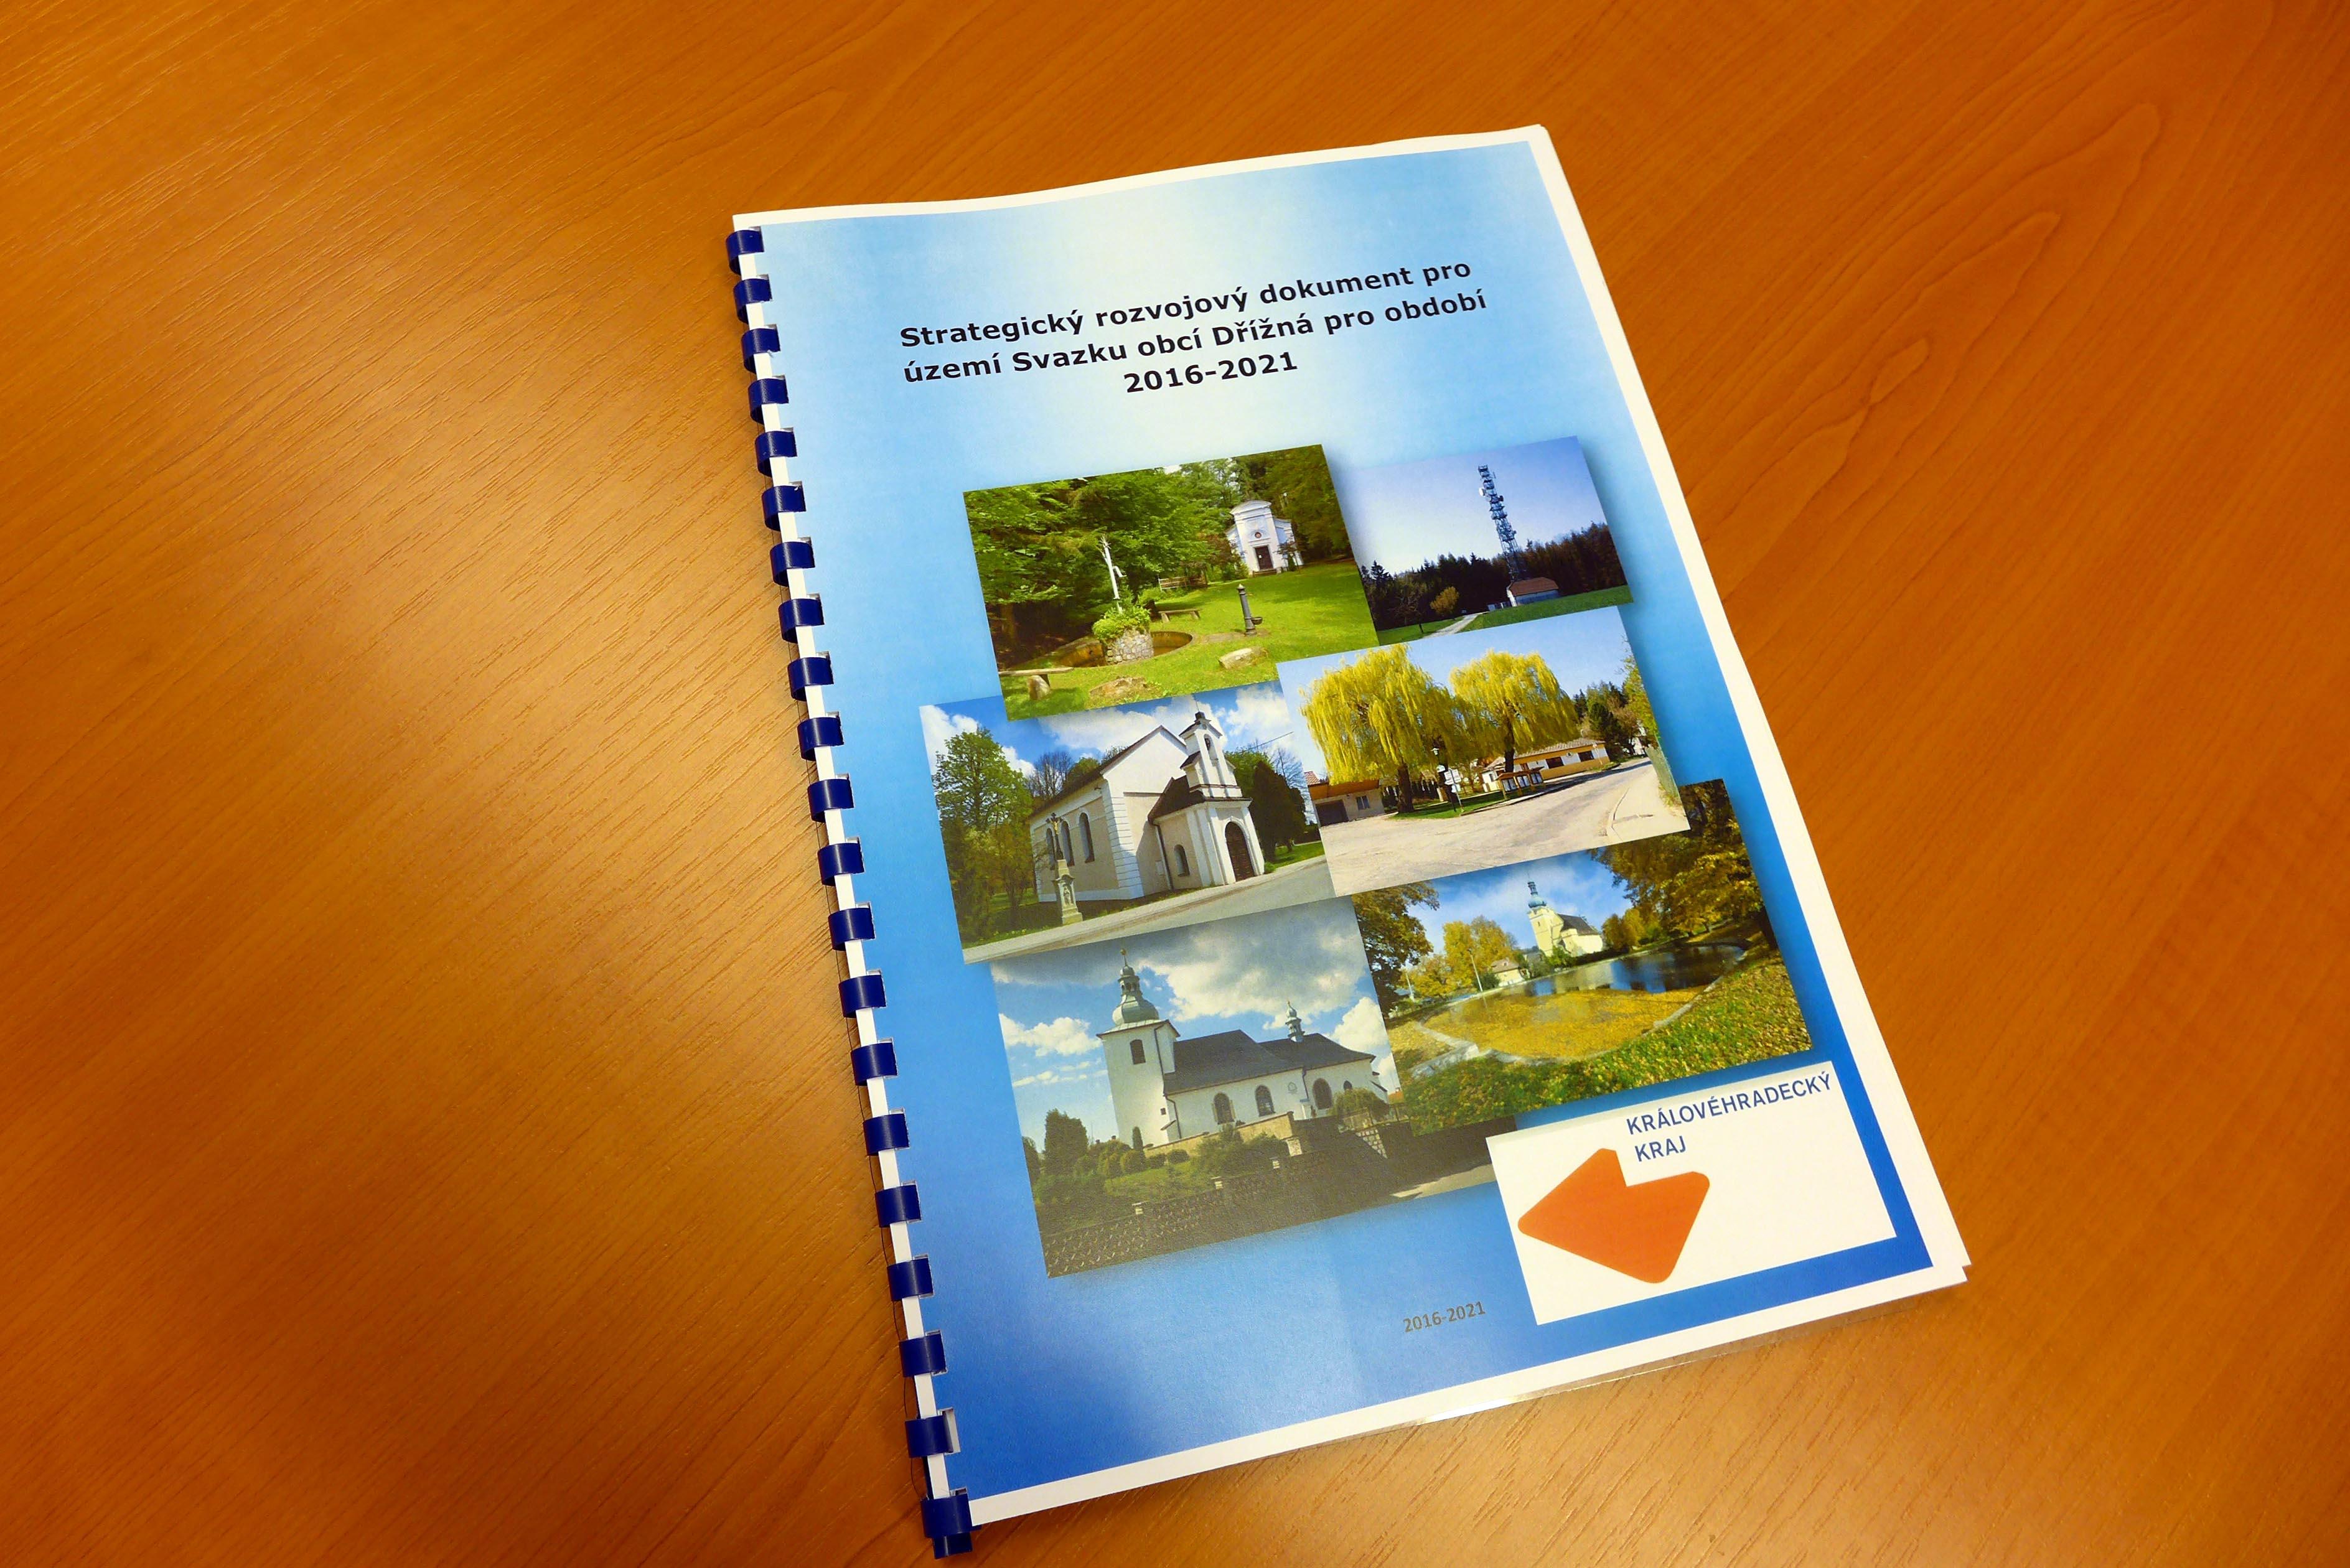 Strategický rozvojový dokument 2016-2021